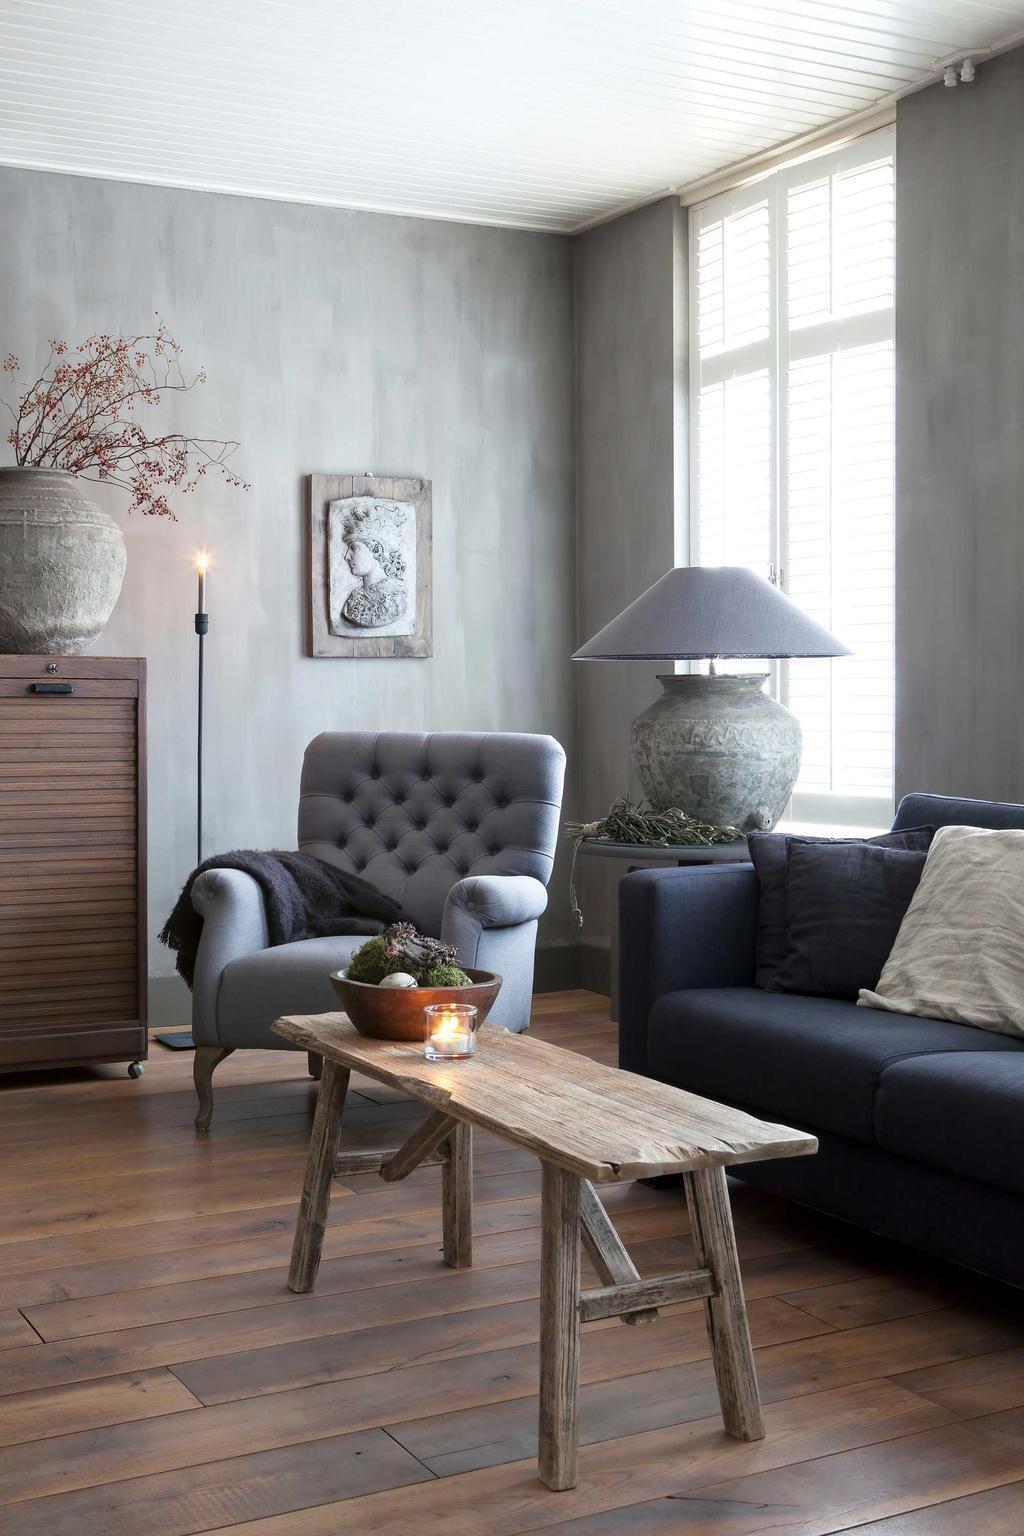 fauteuil wijntafel